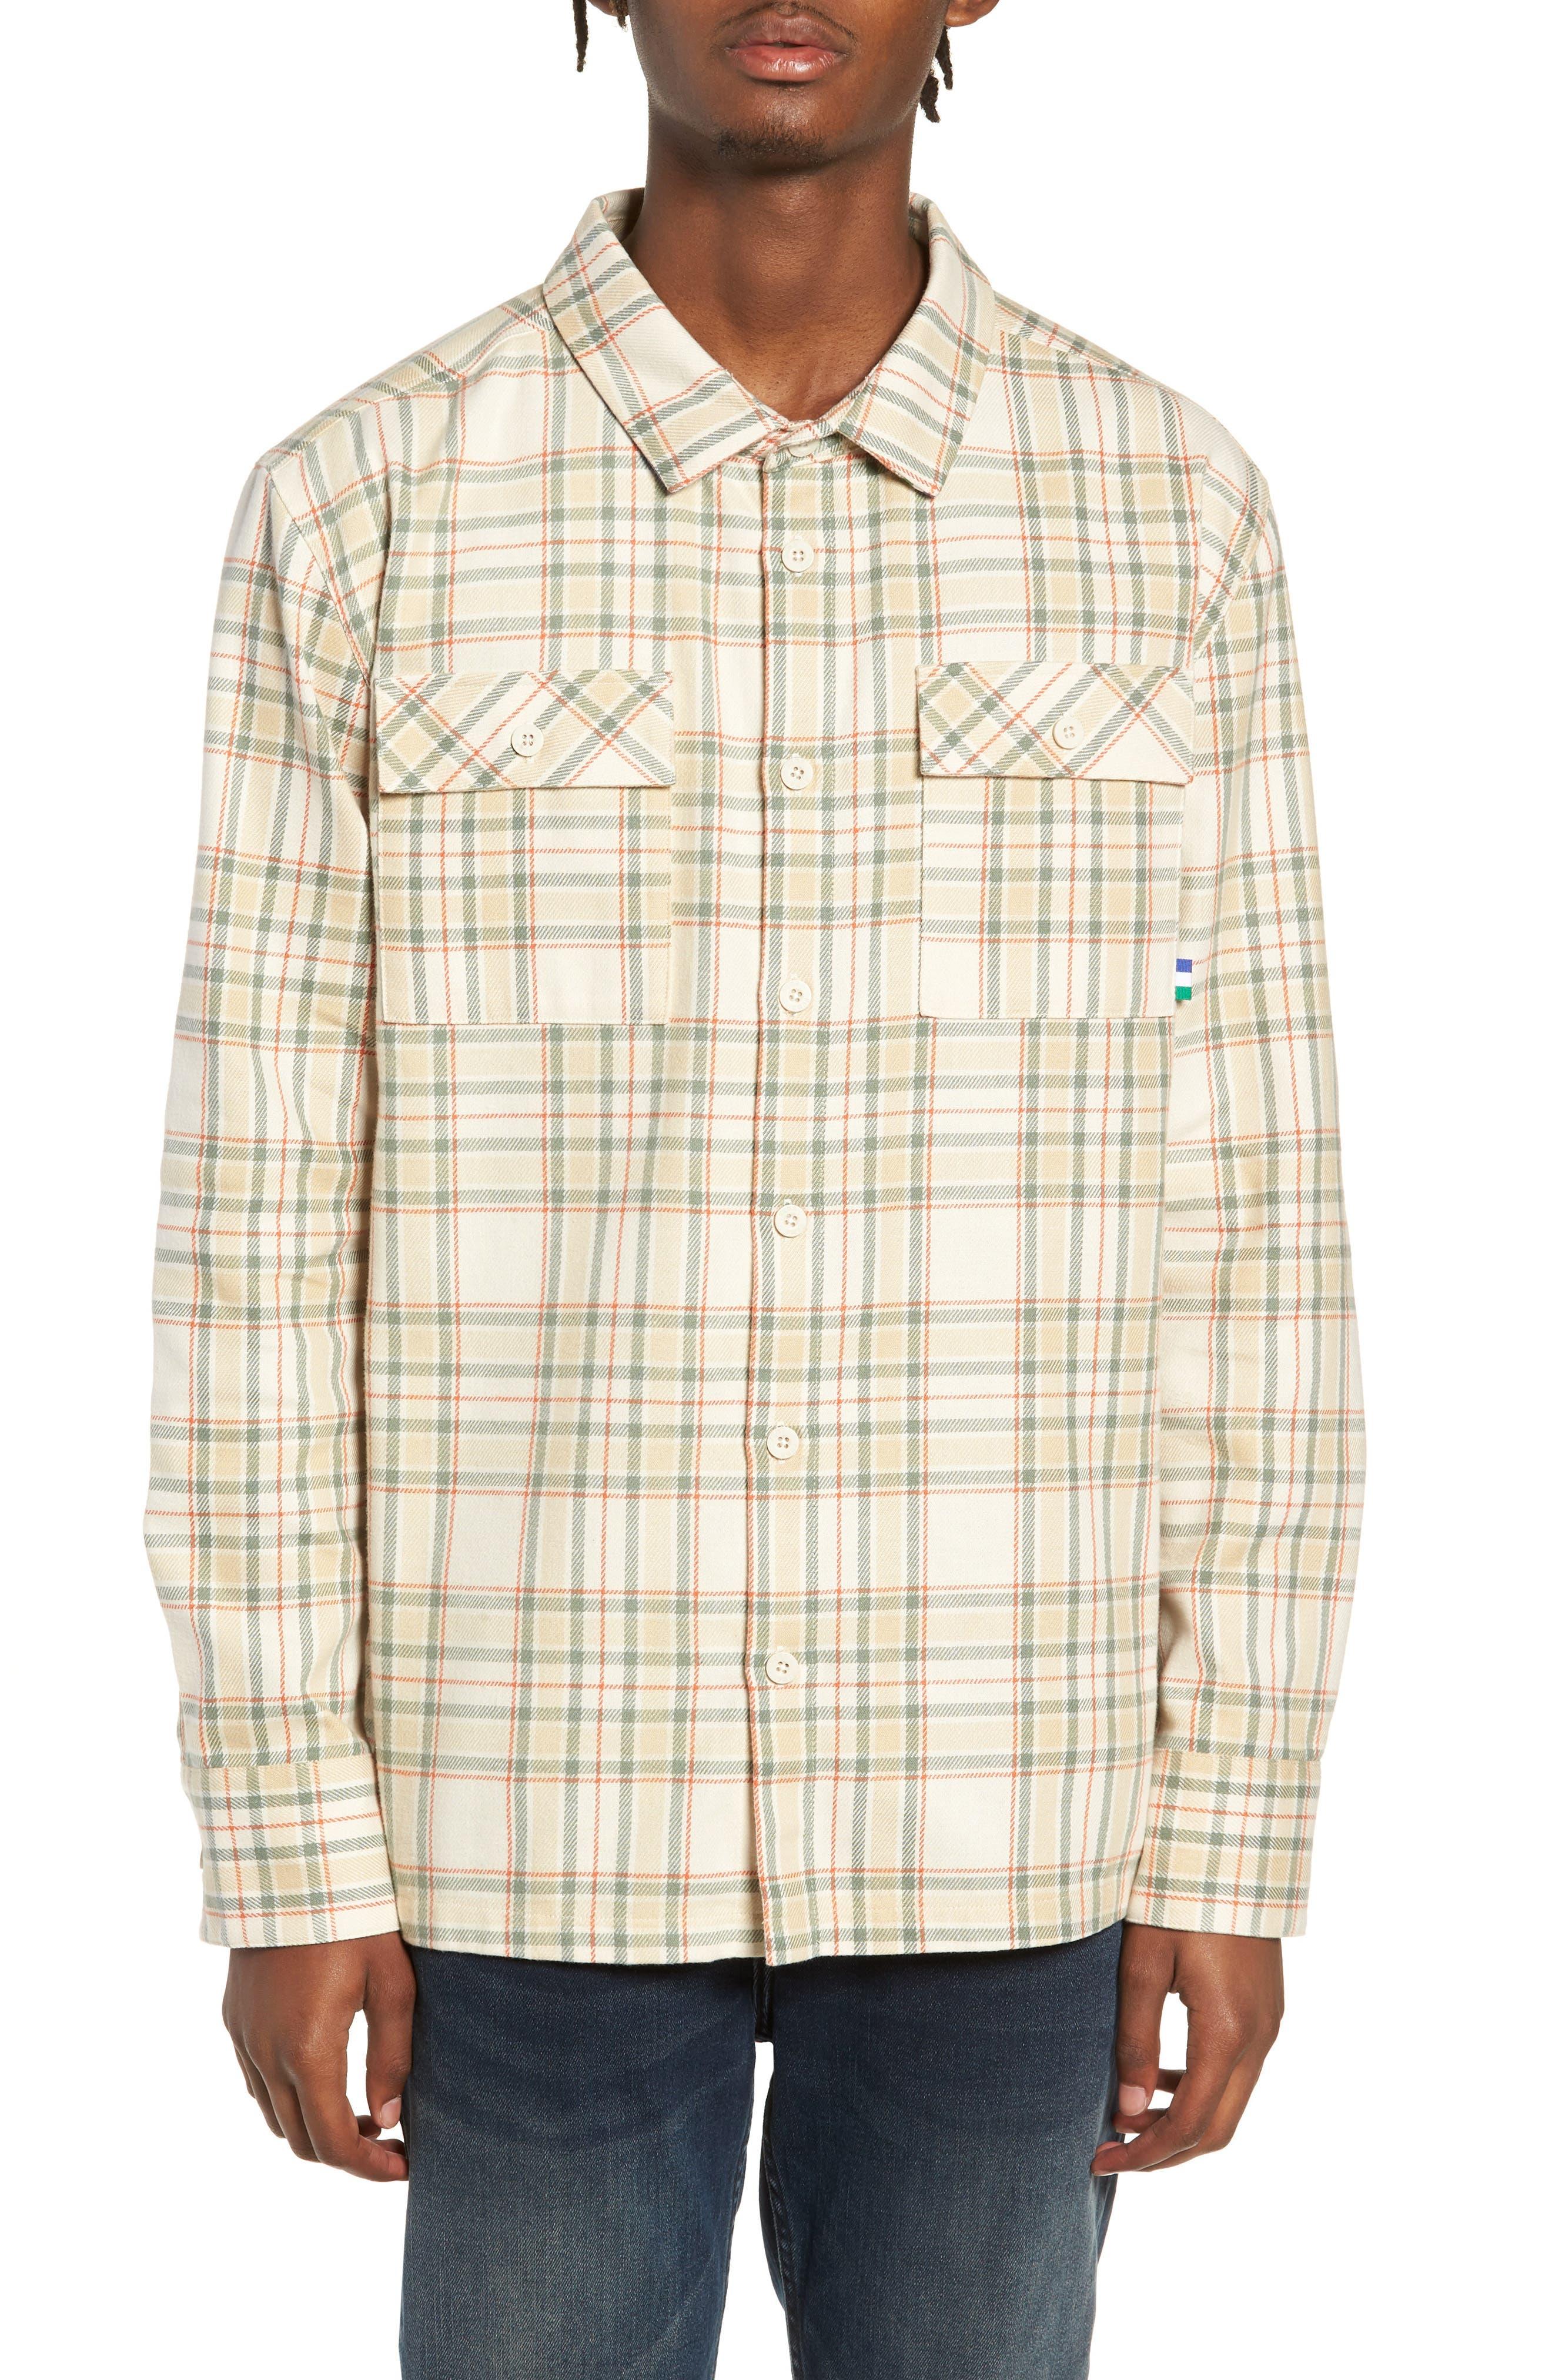 PUMA,                             x Big Sean Check Shirt,                             Main thumbnail 1, color,                             100